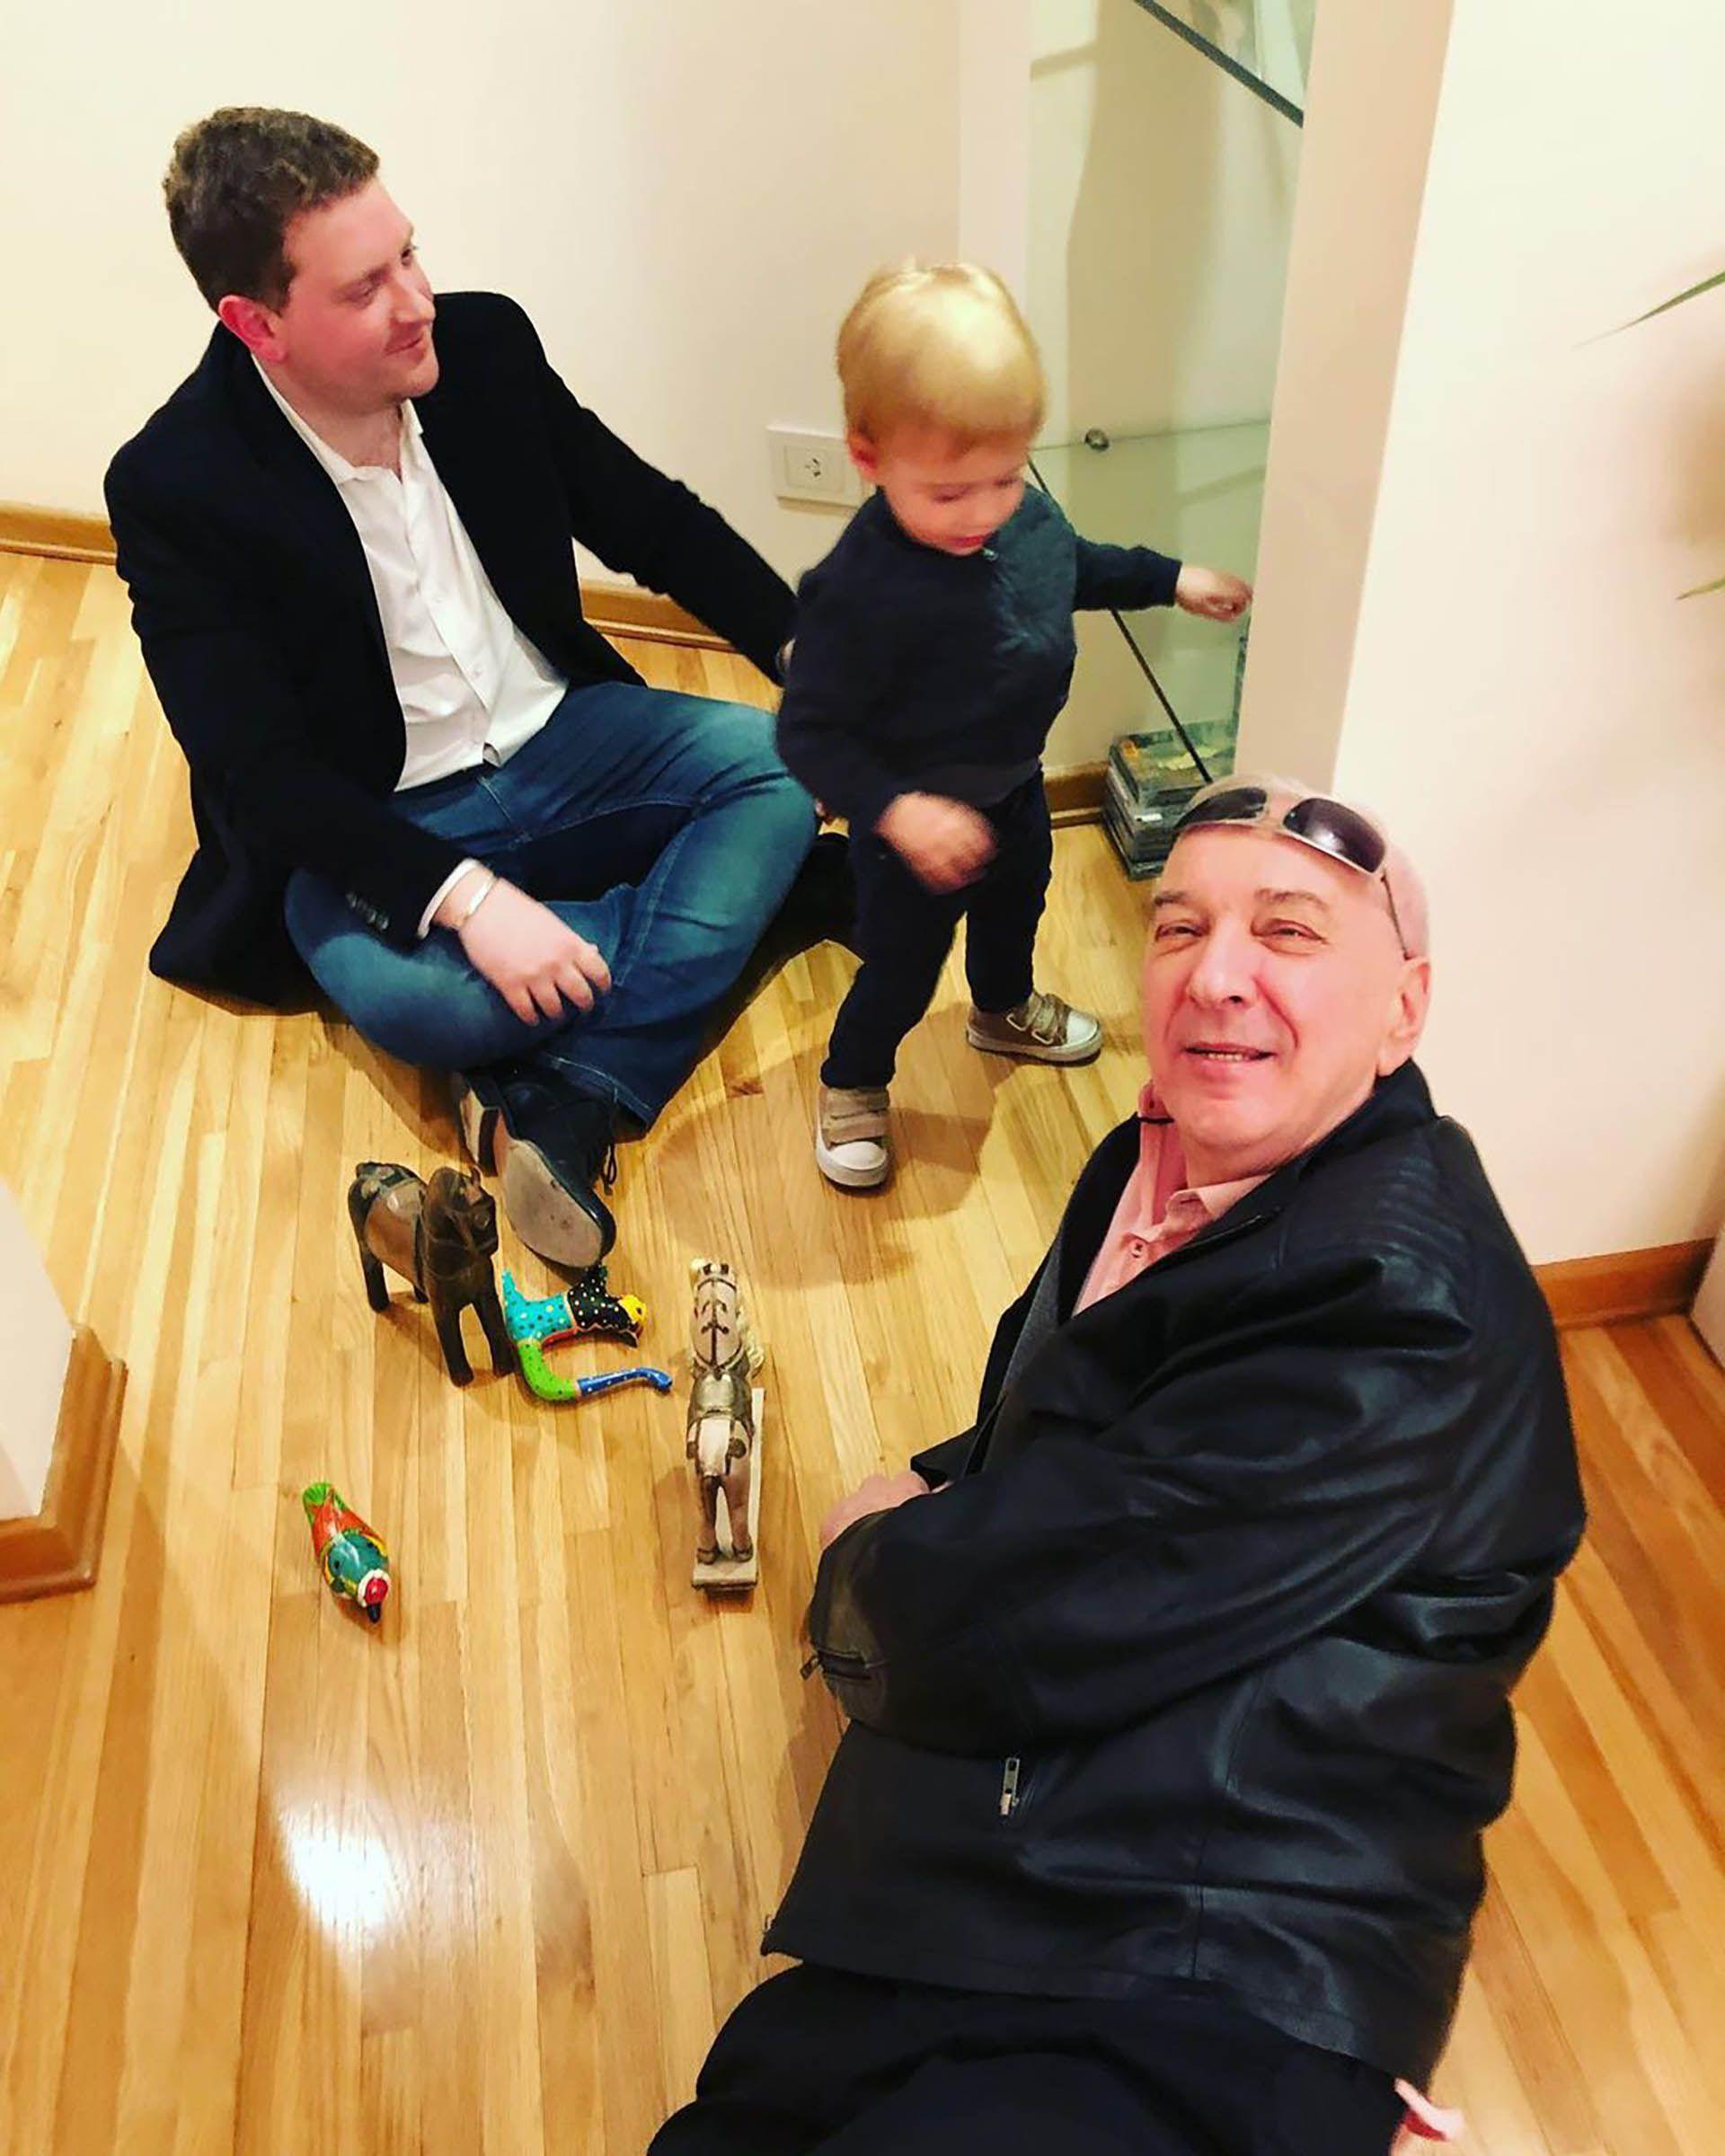 El mensaje de Jonatan Viale a su padre mauro viale